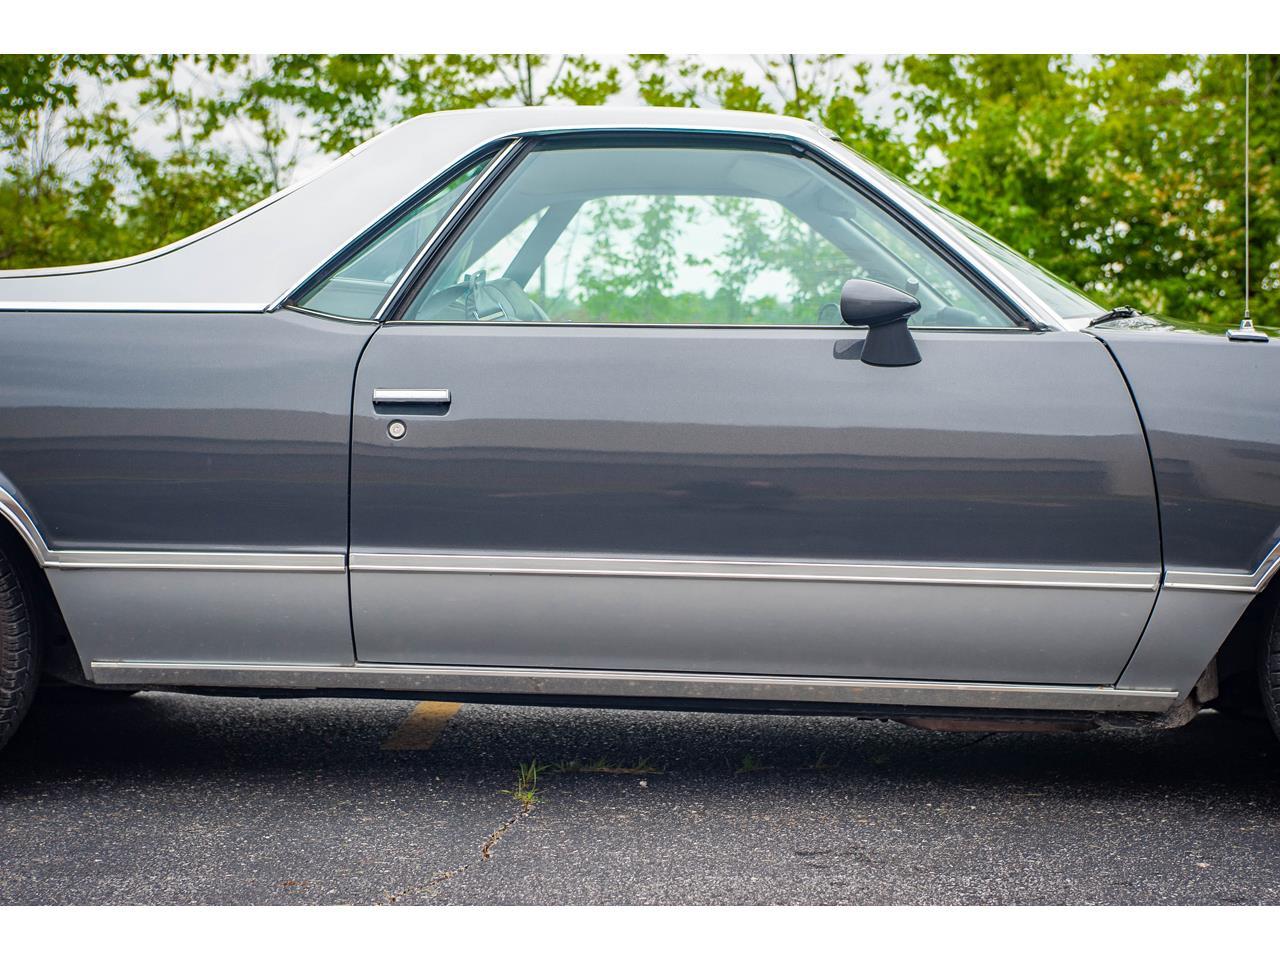 Large Picture of '82 Chevrolet El Camino located in O'Fallon Illinois - $13,000.00 - QB9A